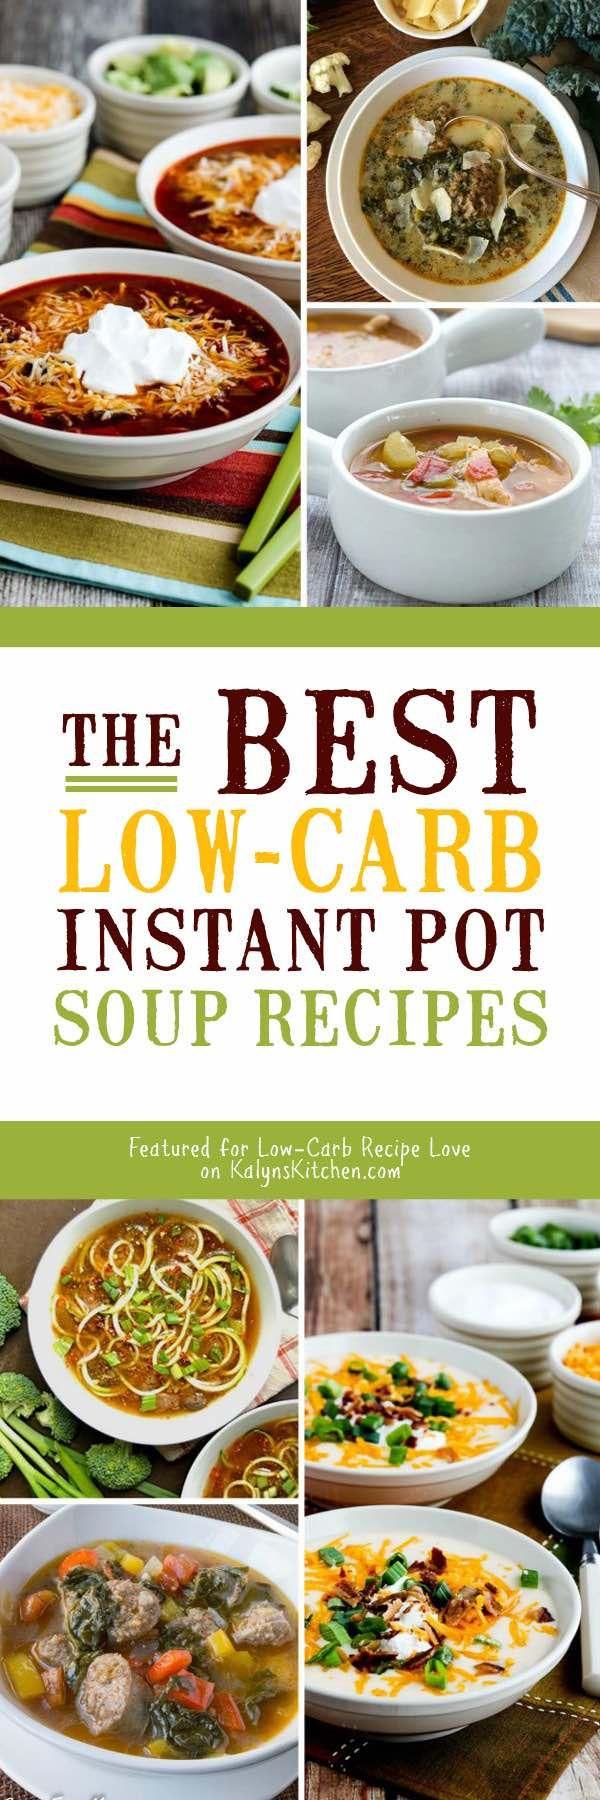 The Best Low Carb Instant Pot Soup Recipes Low Carb Soup